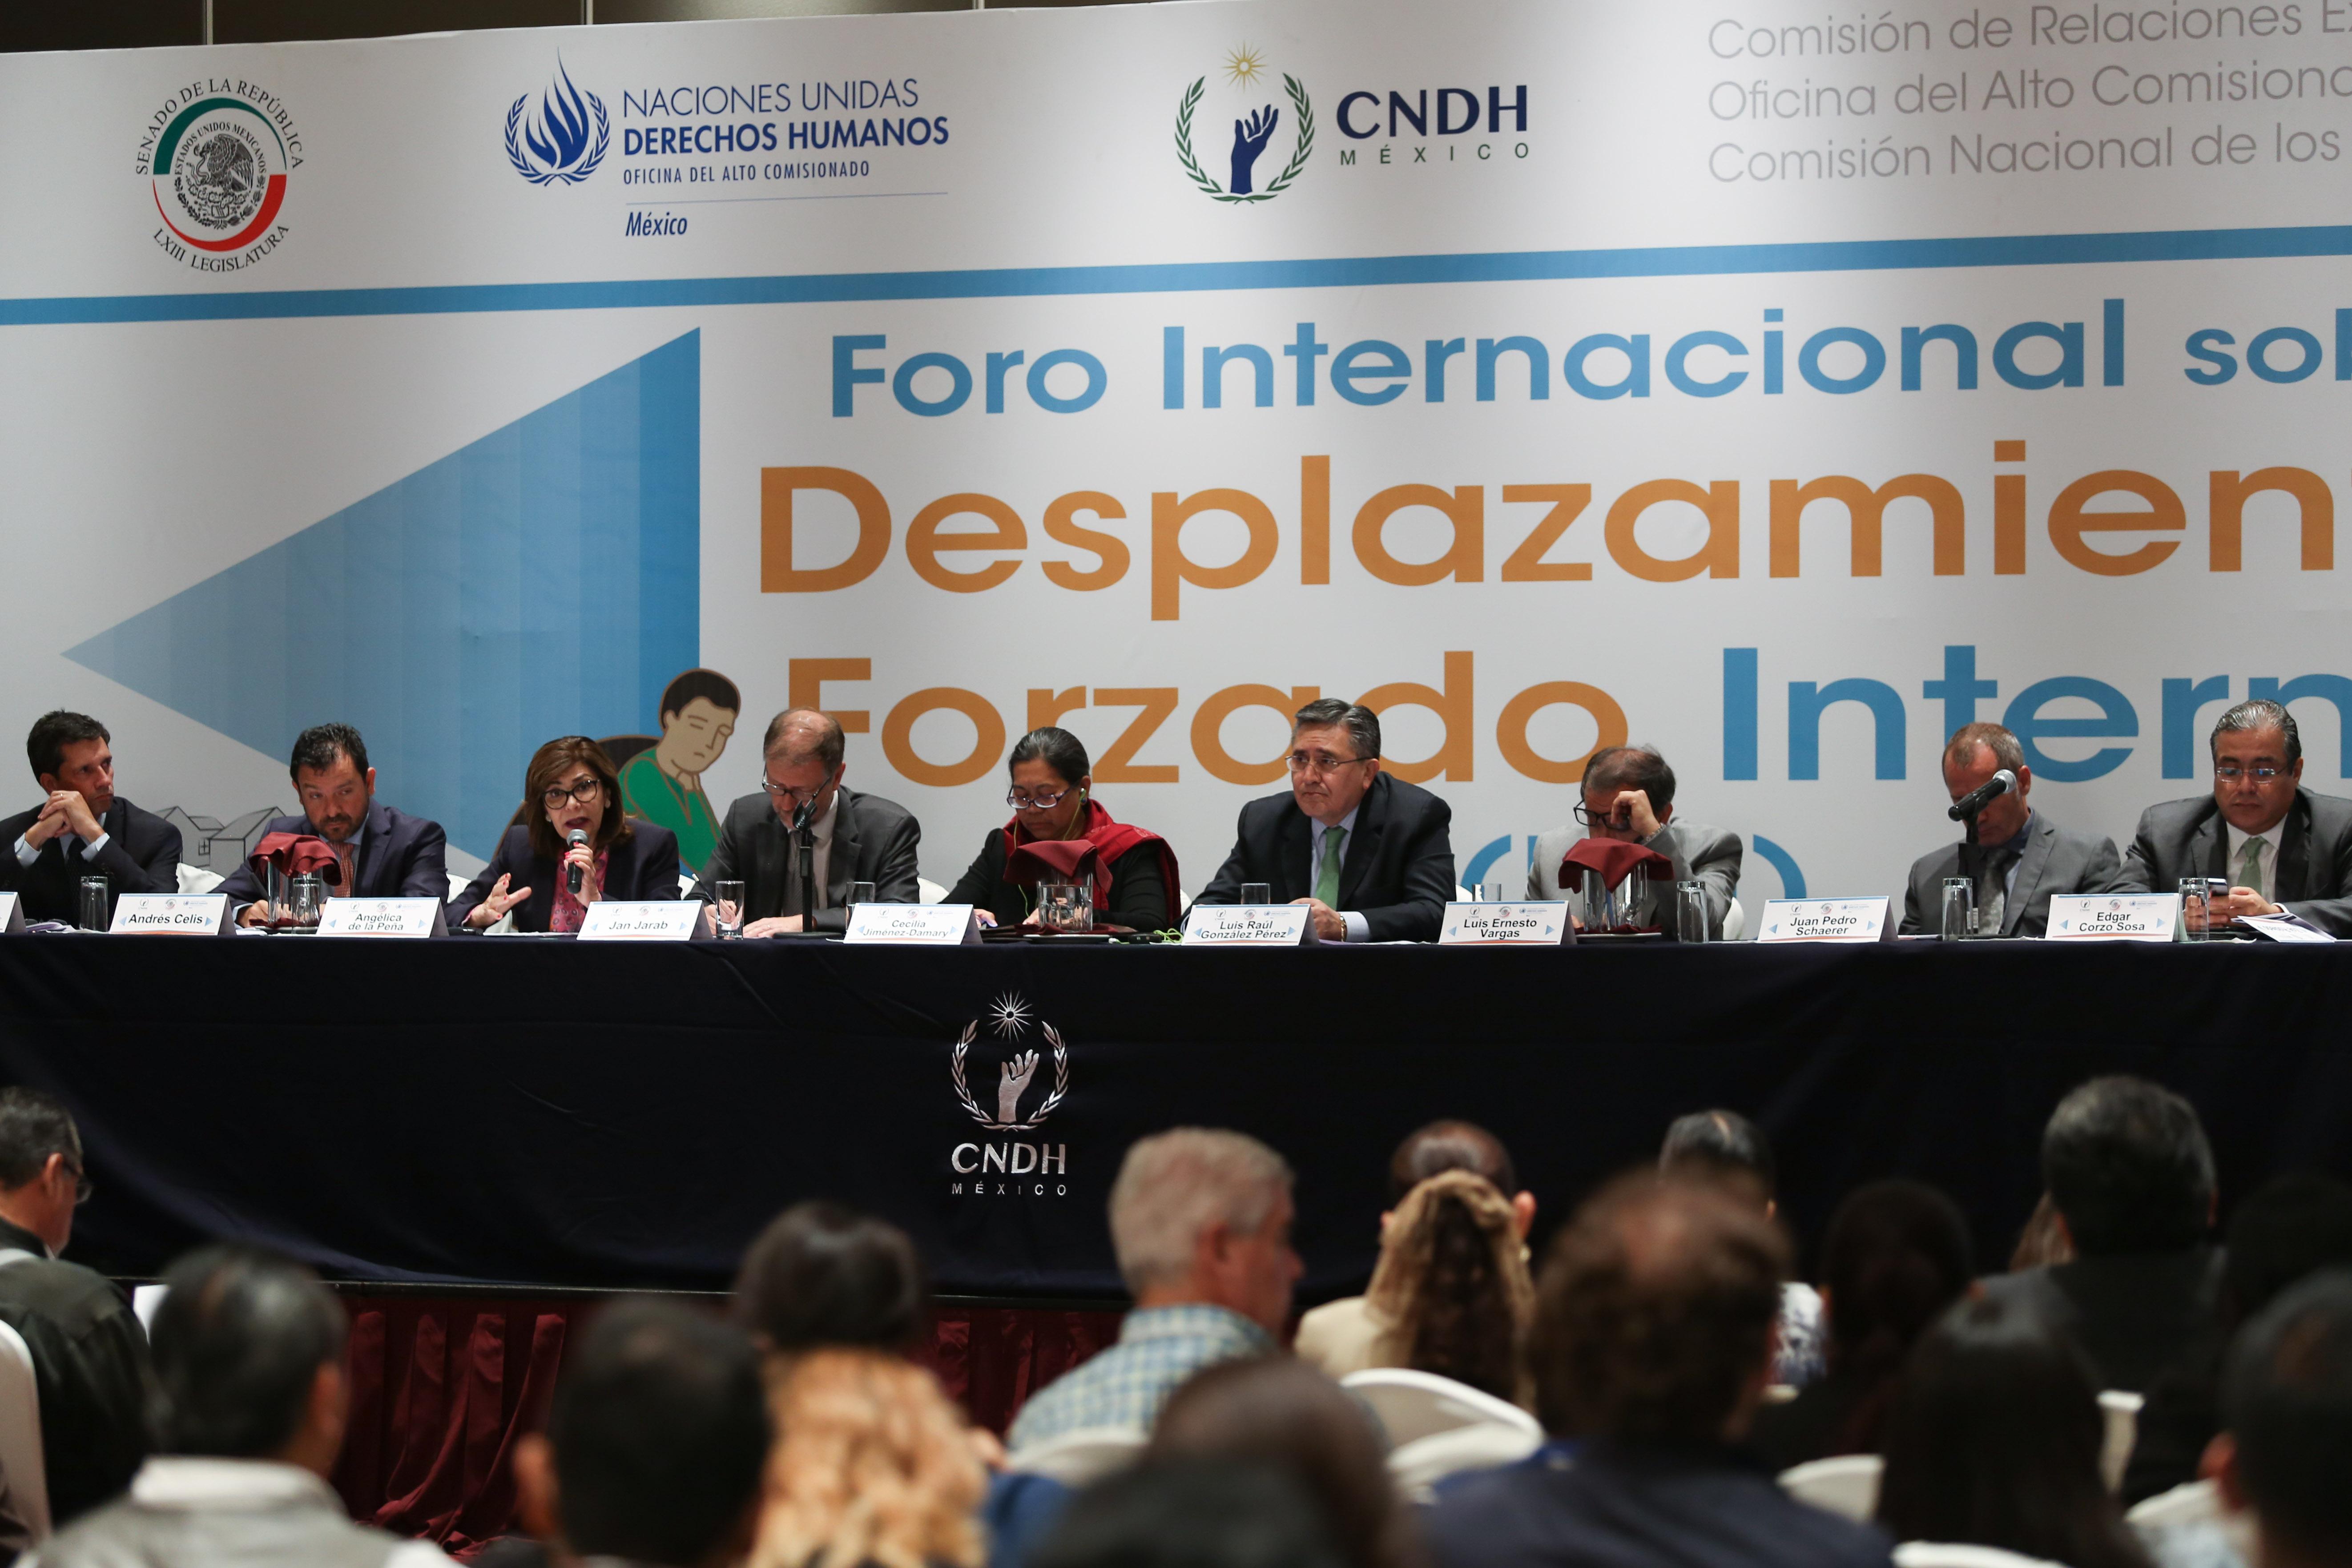 Foro Internacional sobre Desplazamiento Forzado. @Cuartoscuro.com